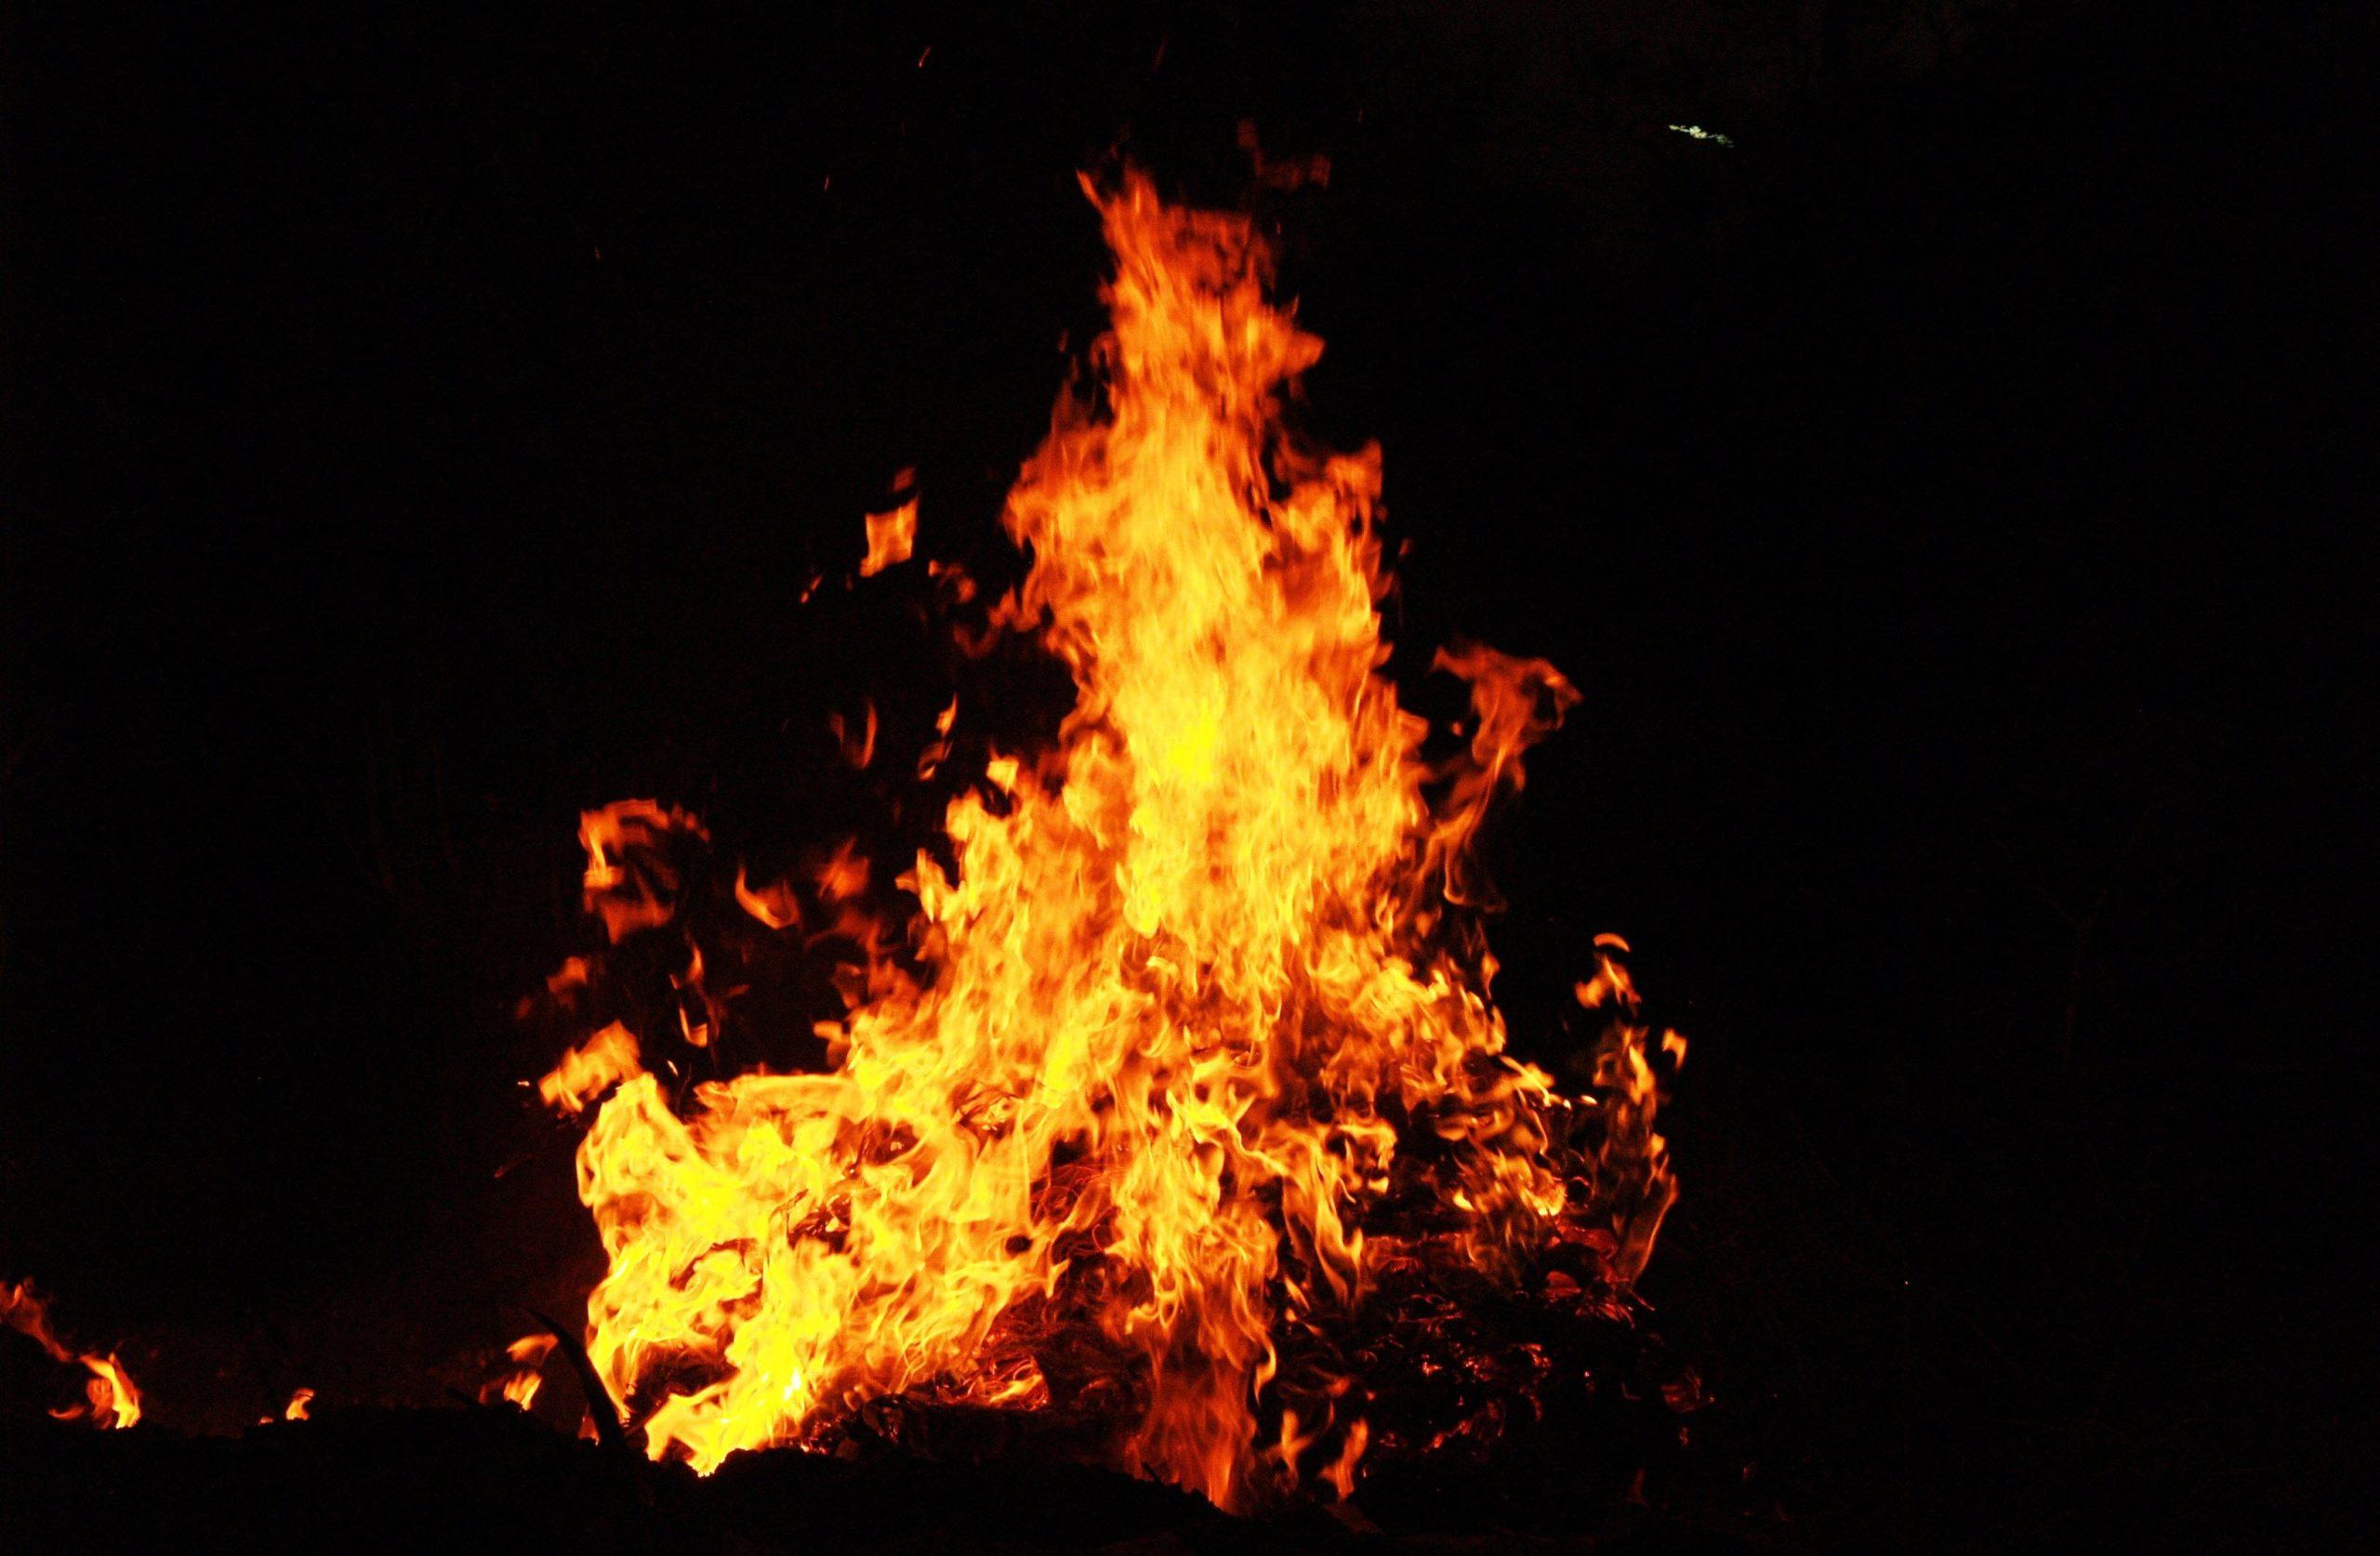 Hình ảnh ngọn lửa cực